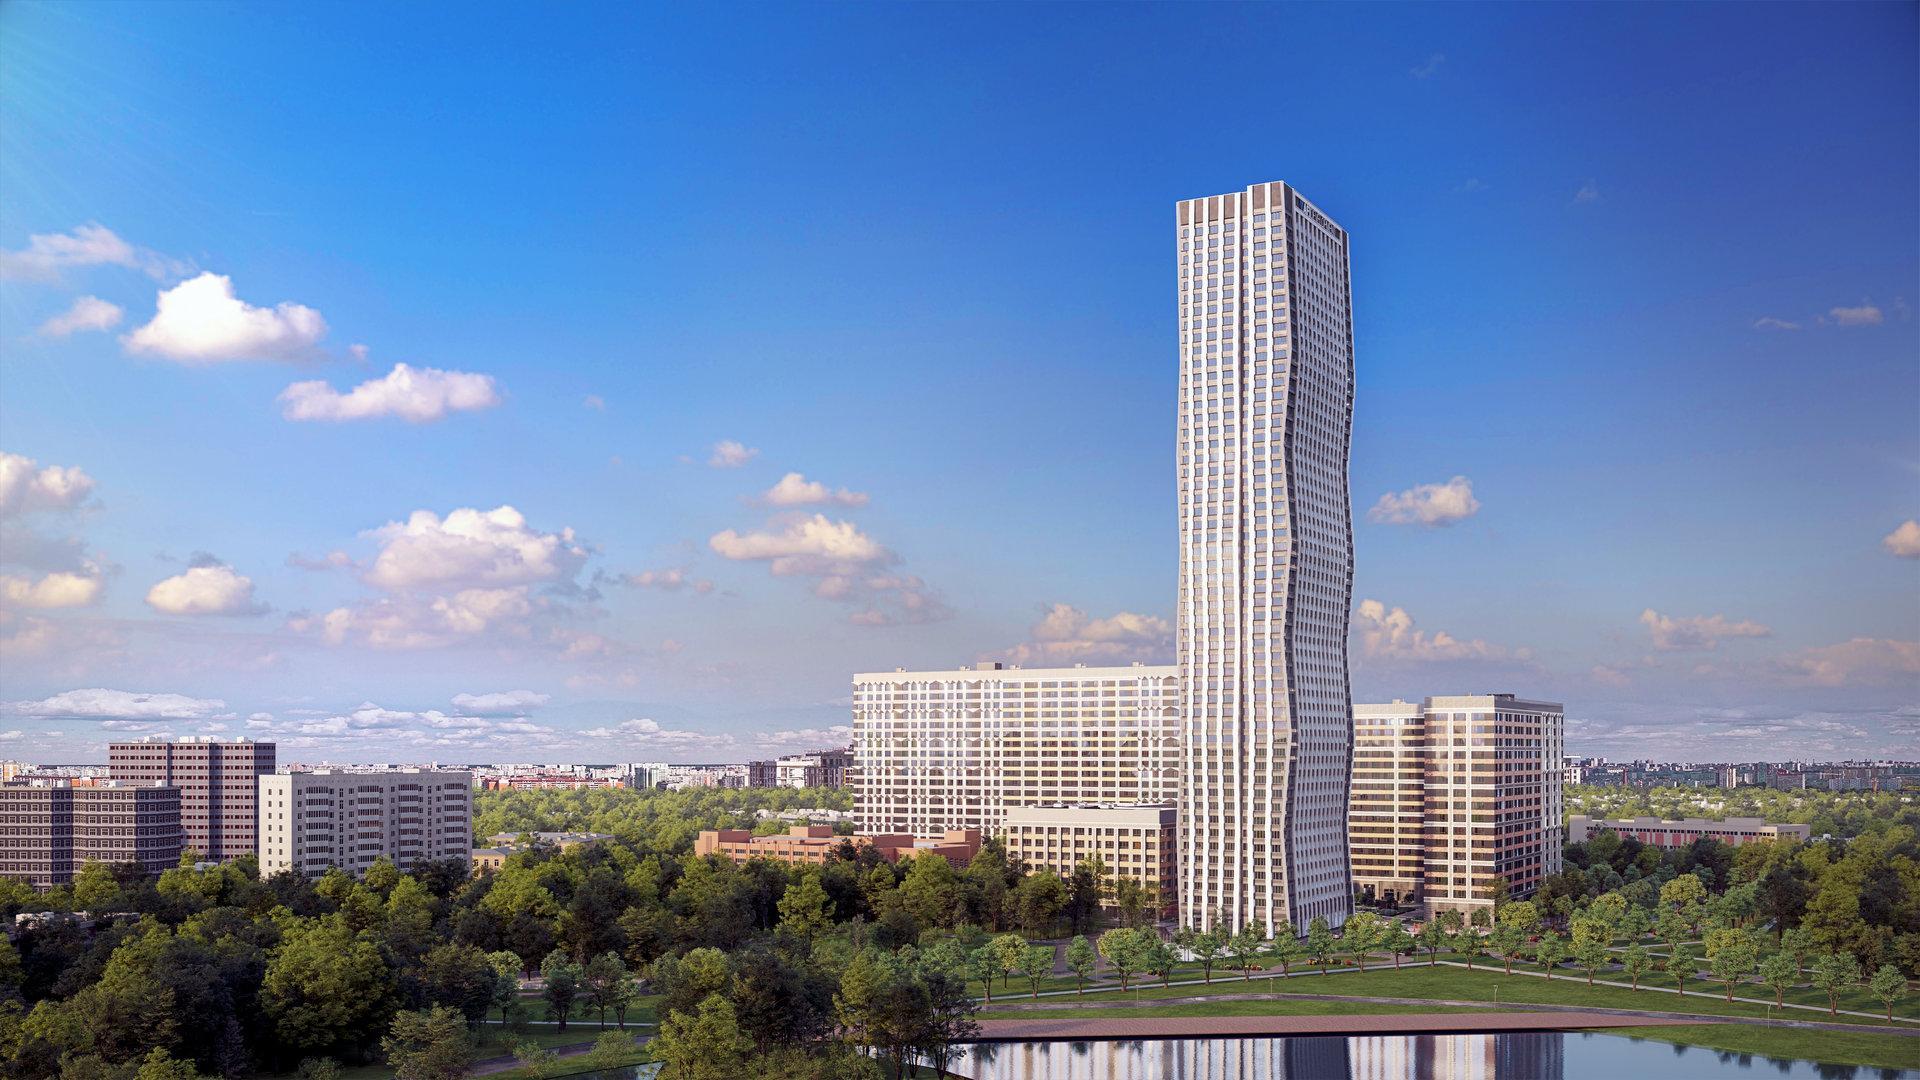 Фото ЖК AFI Tower от AFI Development. Жилой комплекс АФИ Тауэр